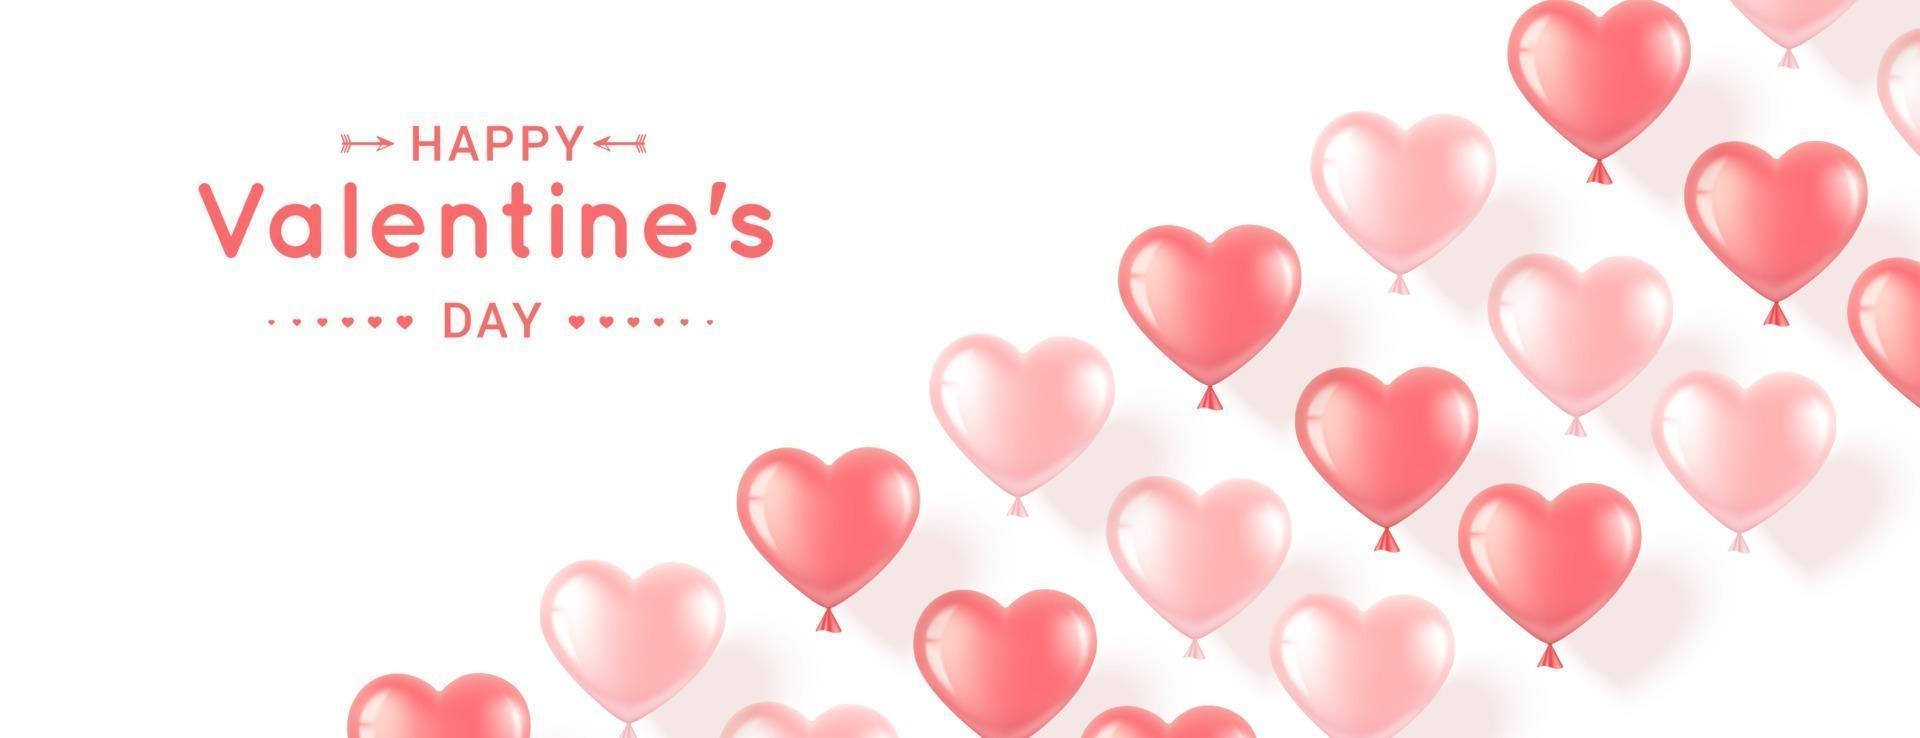 banner con cuori rosa per San Valentino vettore